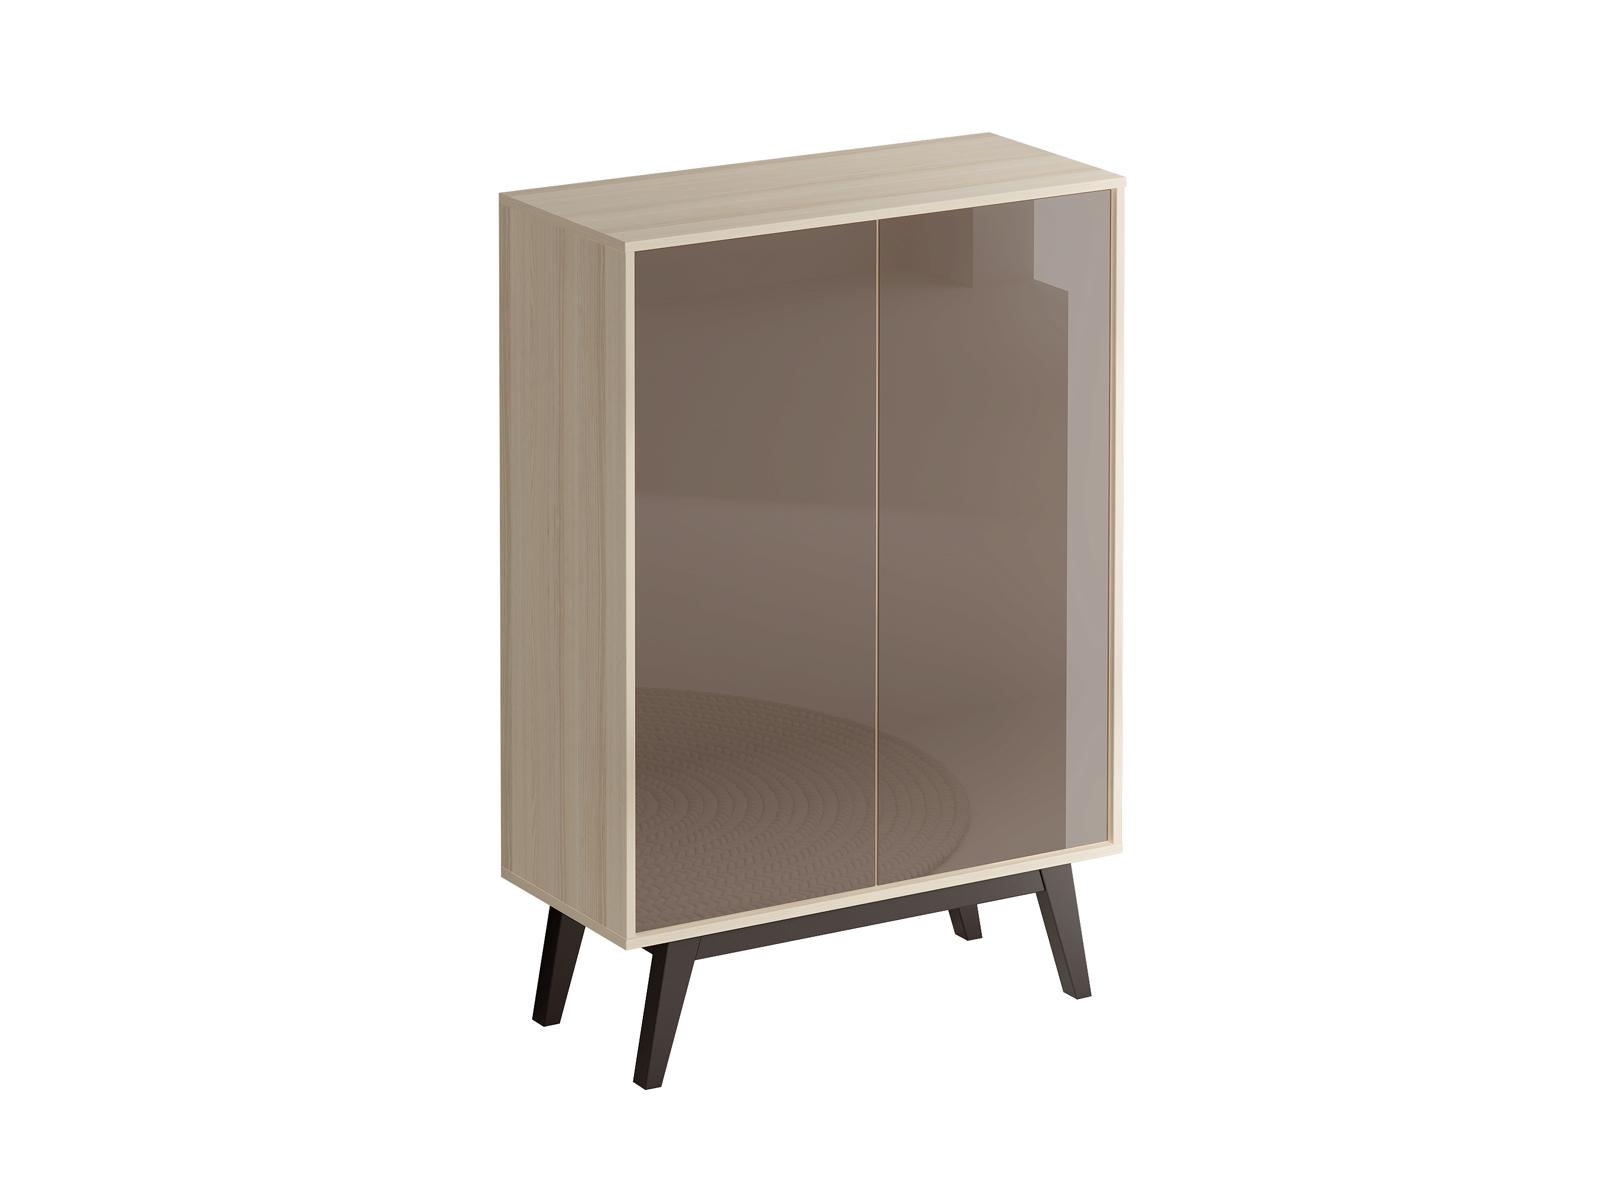 Шкаф CappuccinoШкафы<br>Шкаф комбинированный для гостиной. Дверцы открываются по принципу «нажал - открыл».<br>